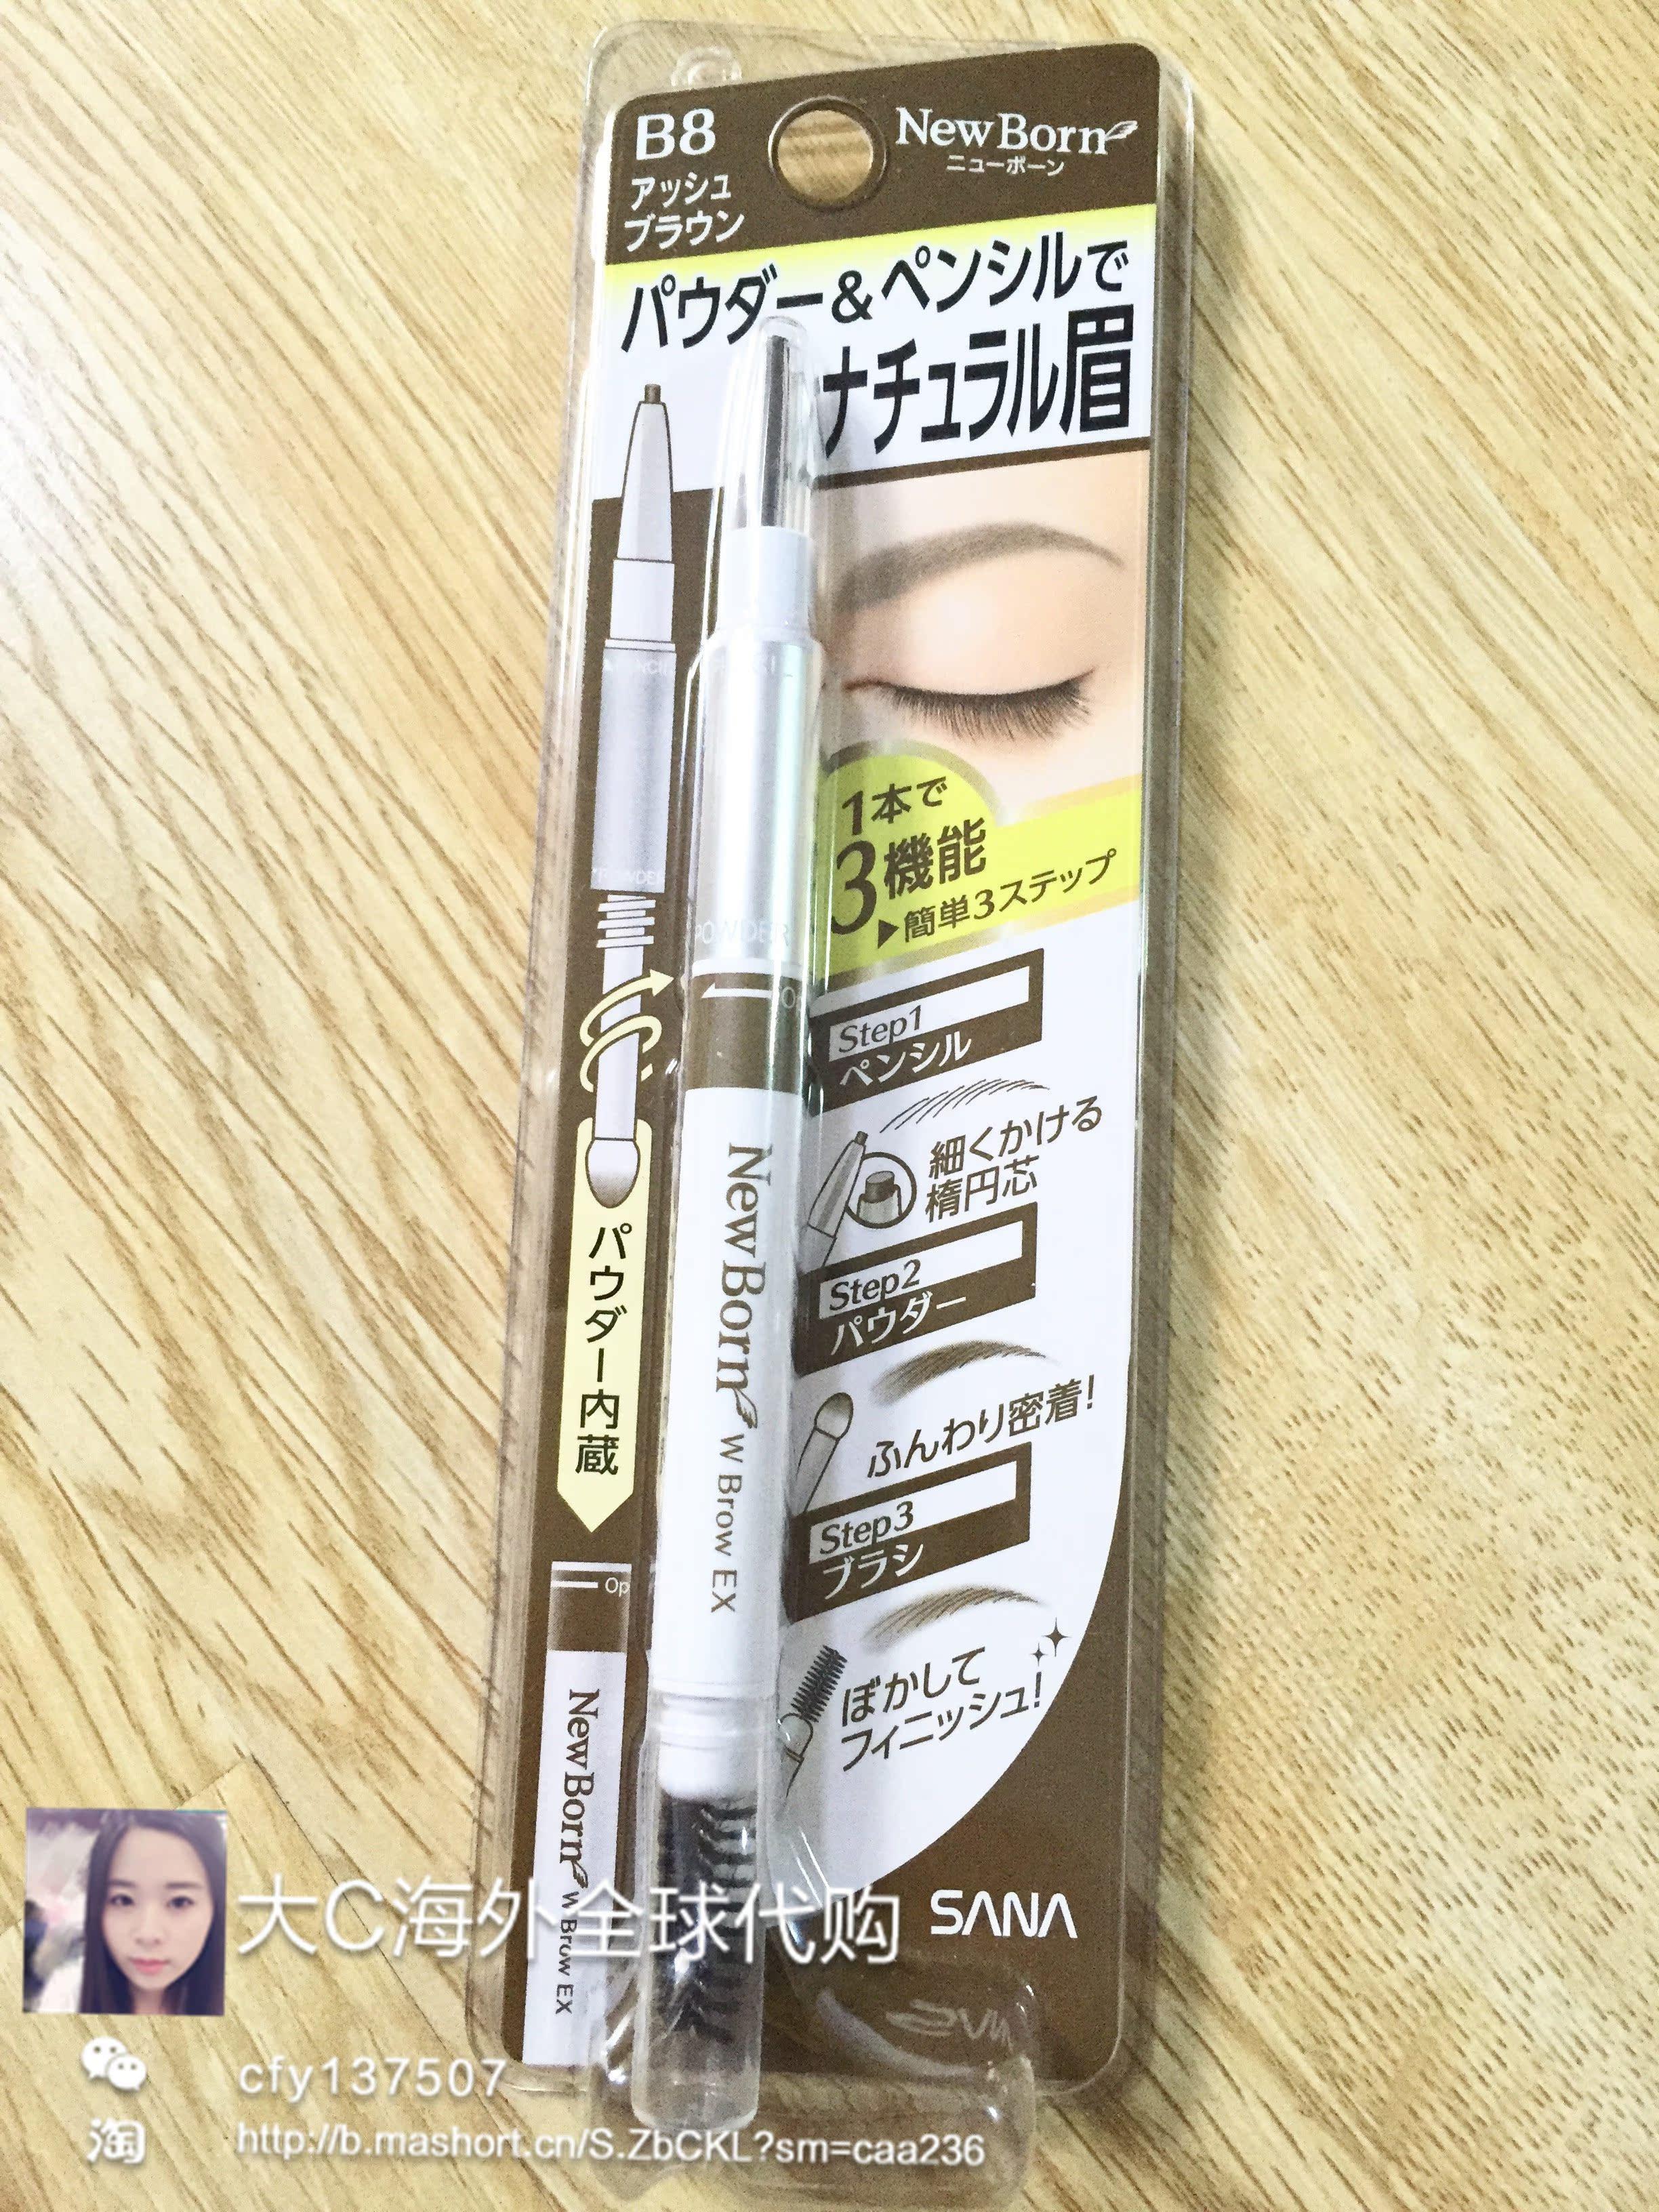 日本SANA 本铺NEW BROWN立体美人眉粉+眉笔+旋转眉刷 5色入